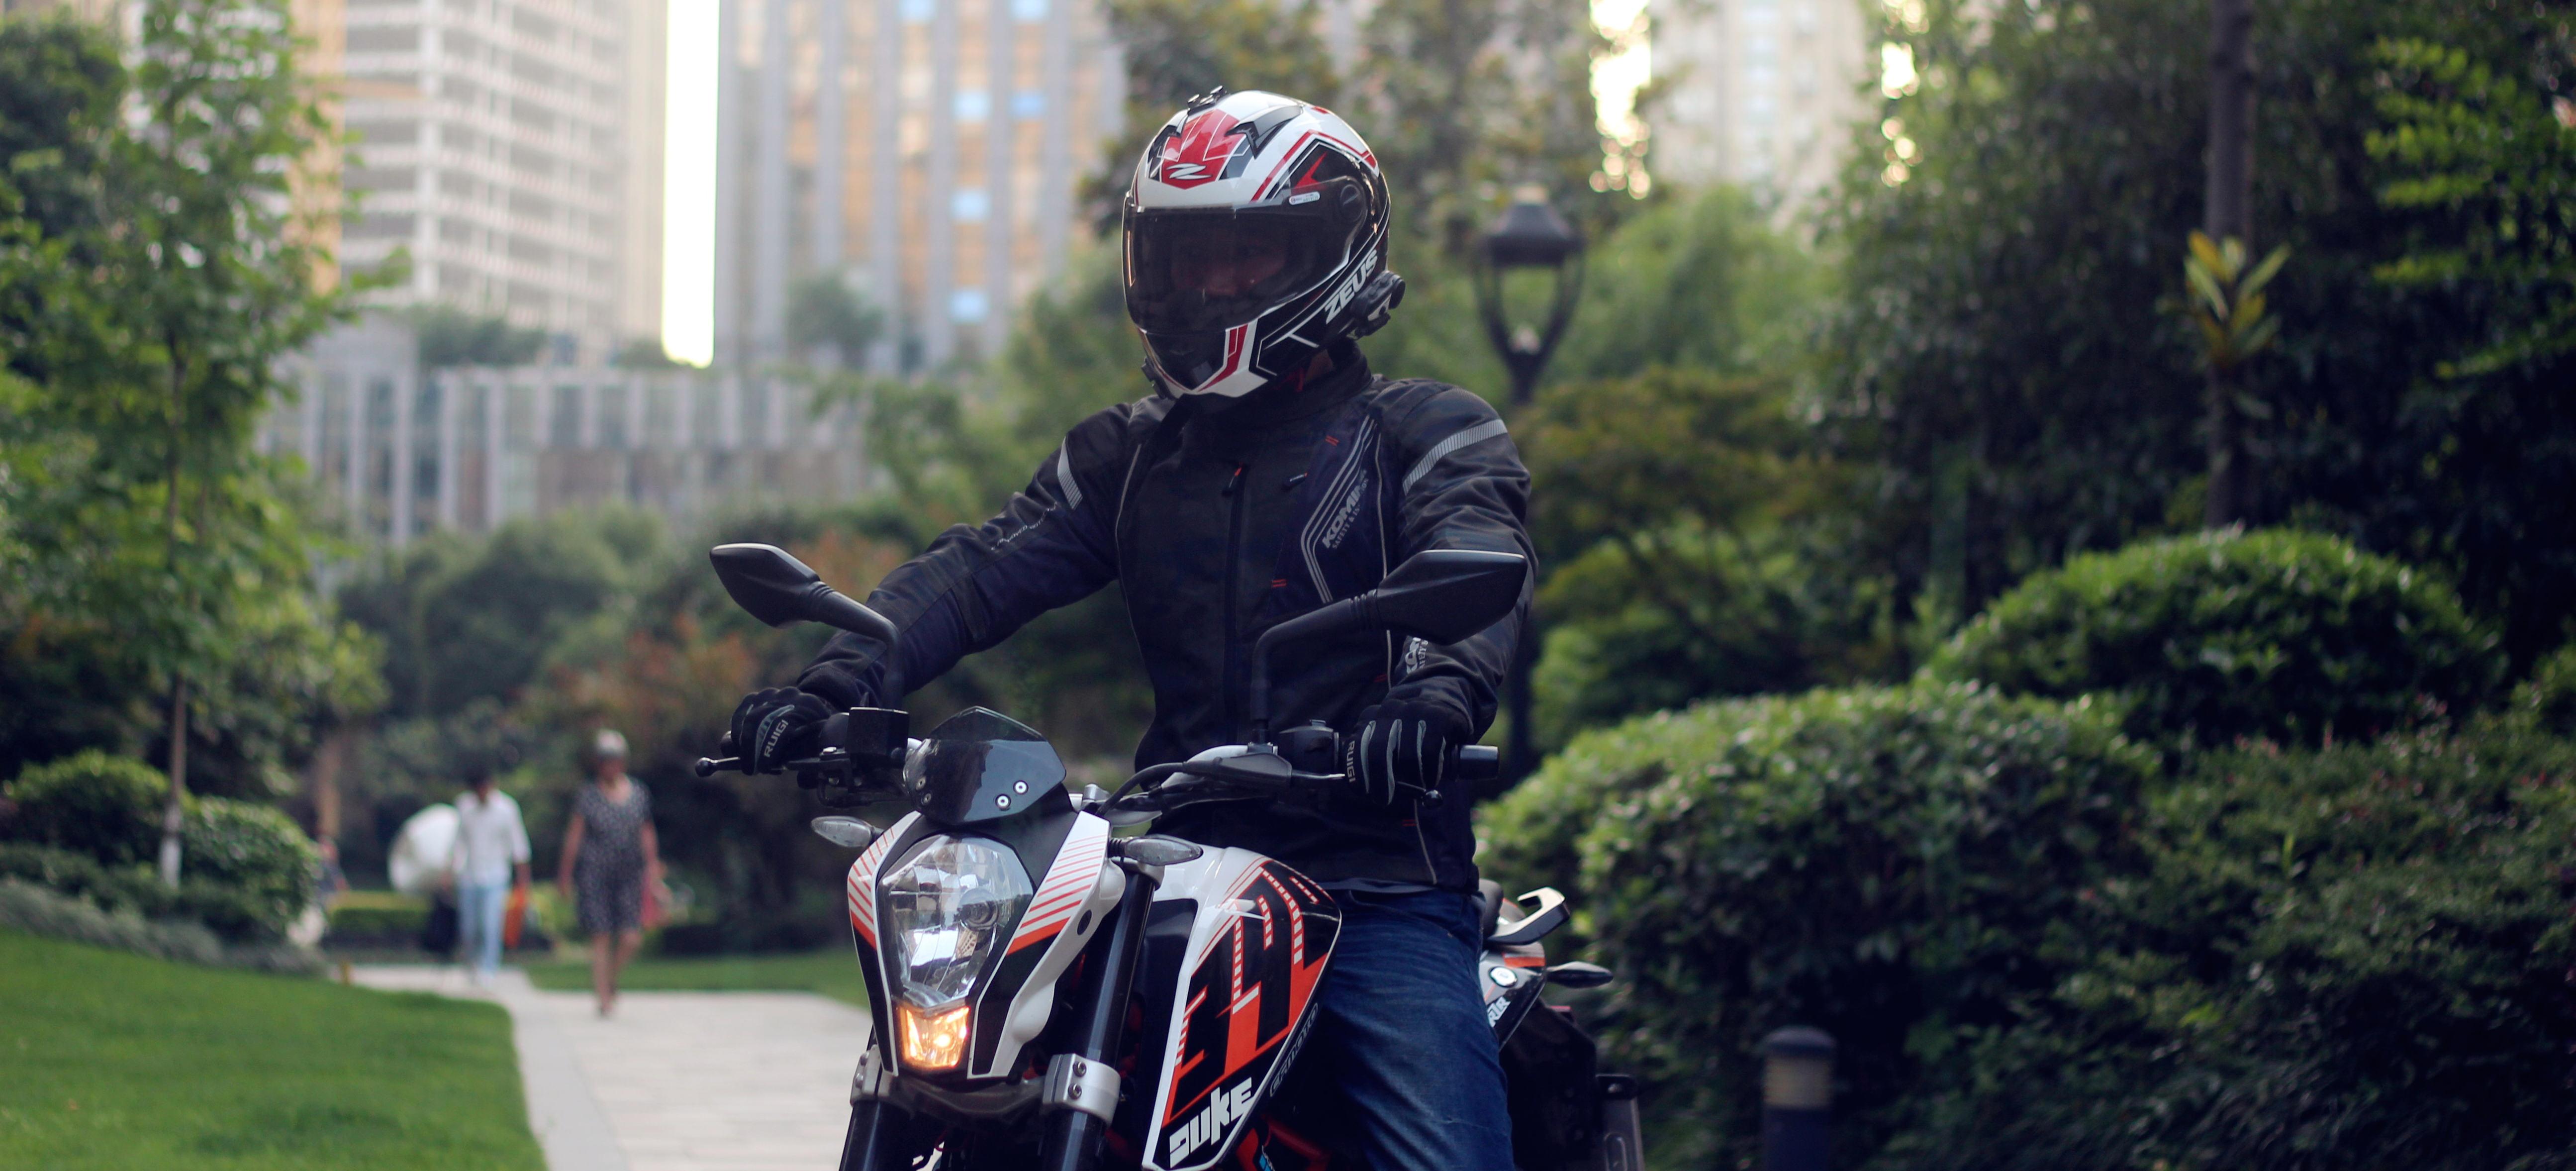 骑行装备 篇一:摩托车运动装备—Komine JK-128 夏季网眼骑行服开箱